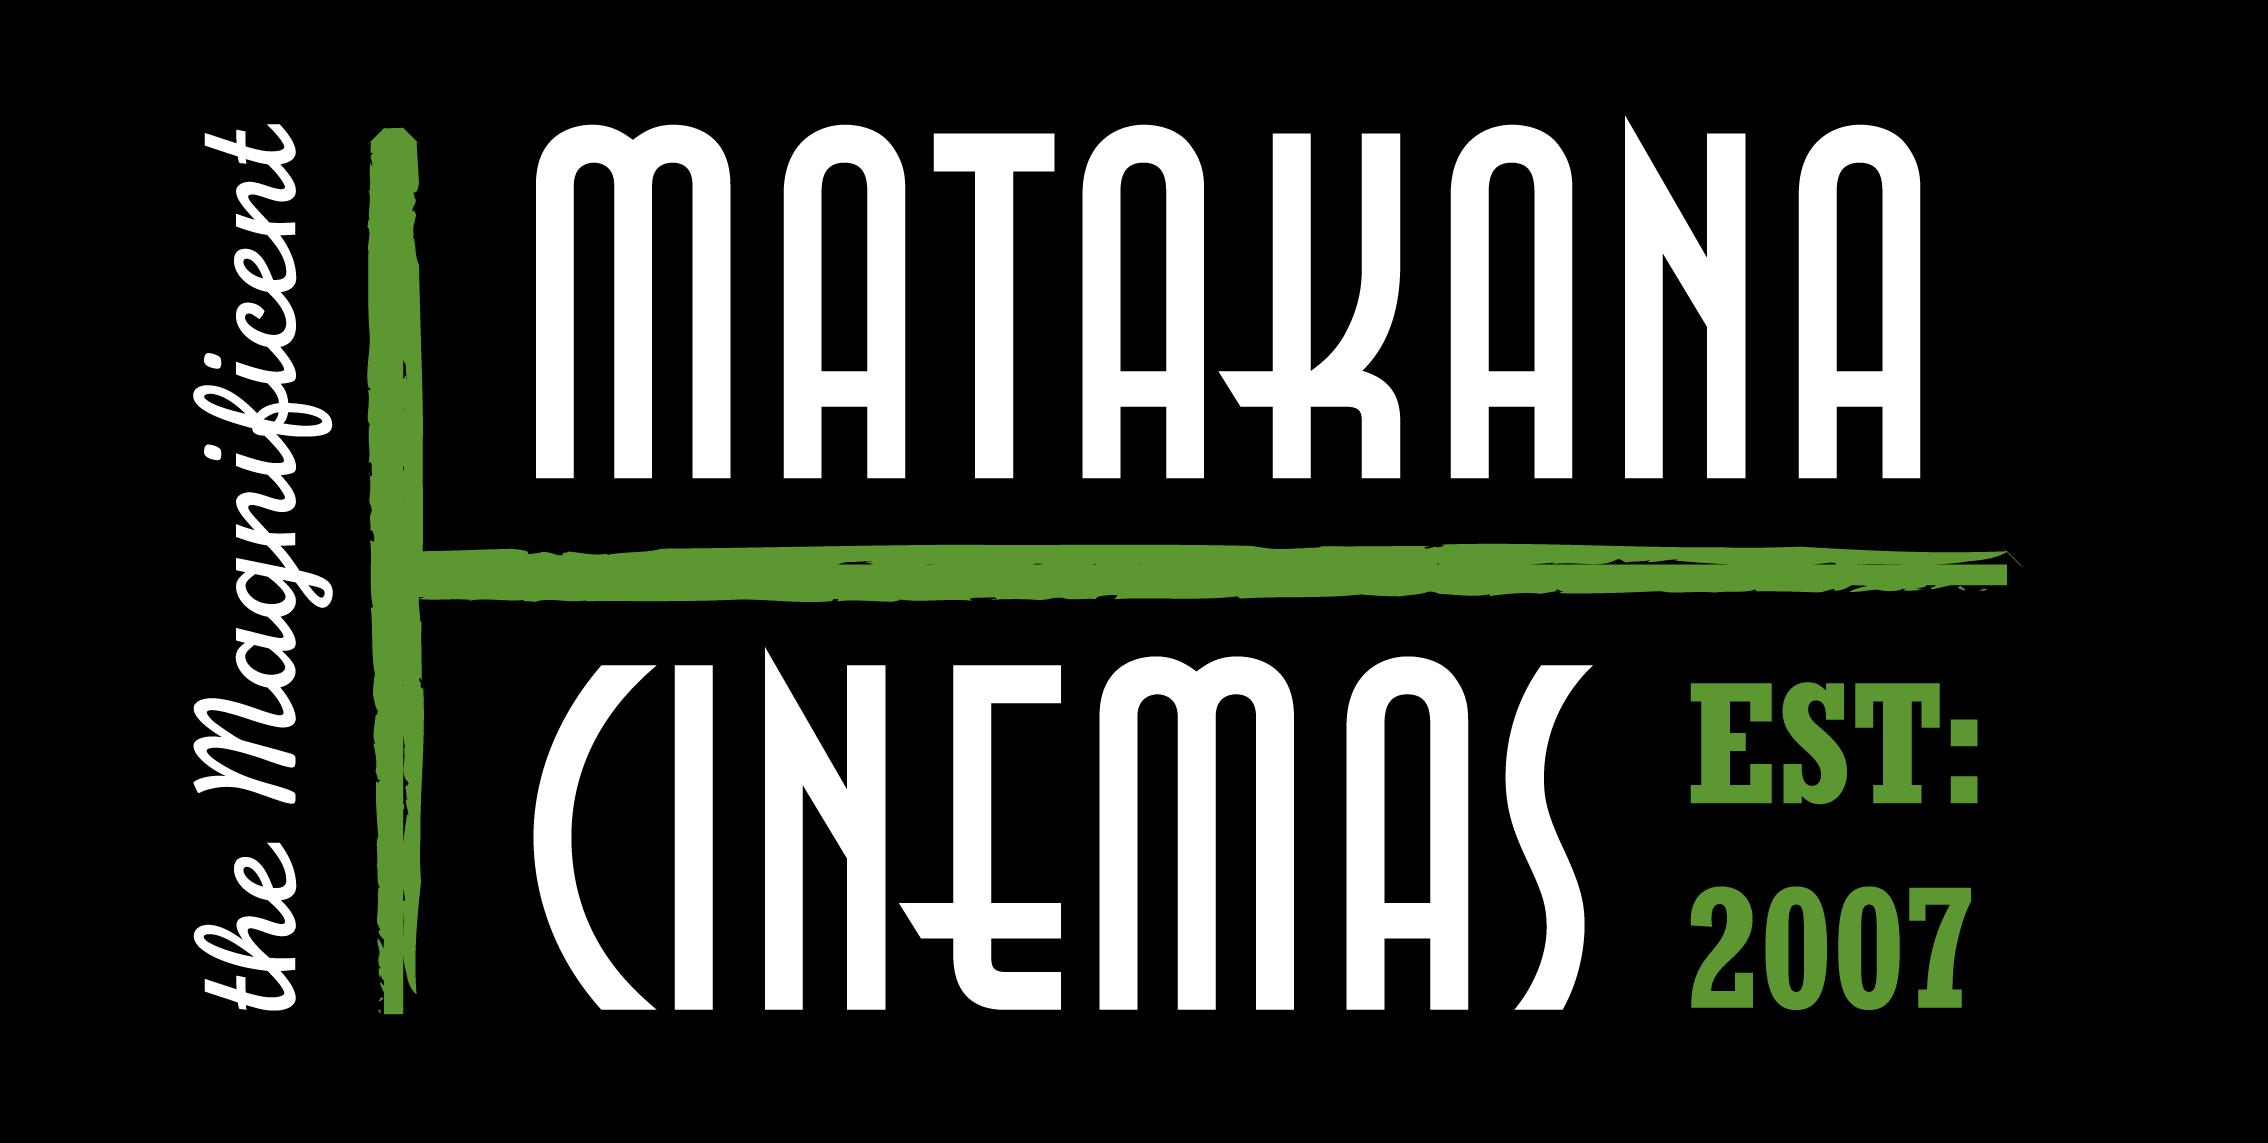 Matakana Cinema logo for NZ Herald